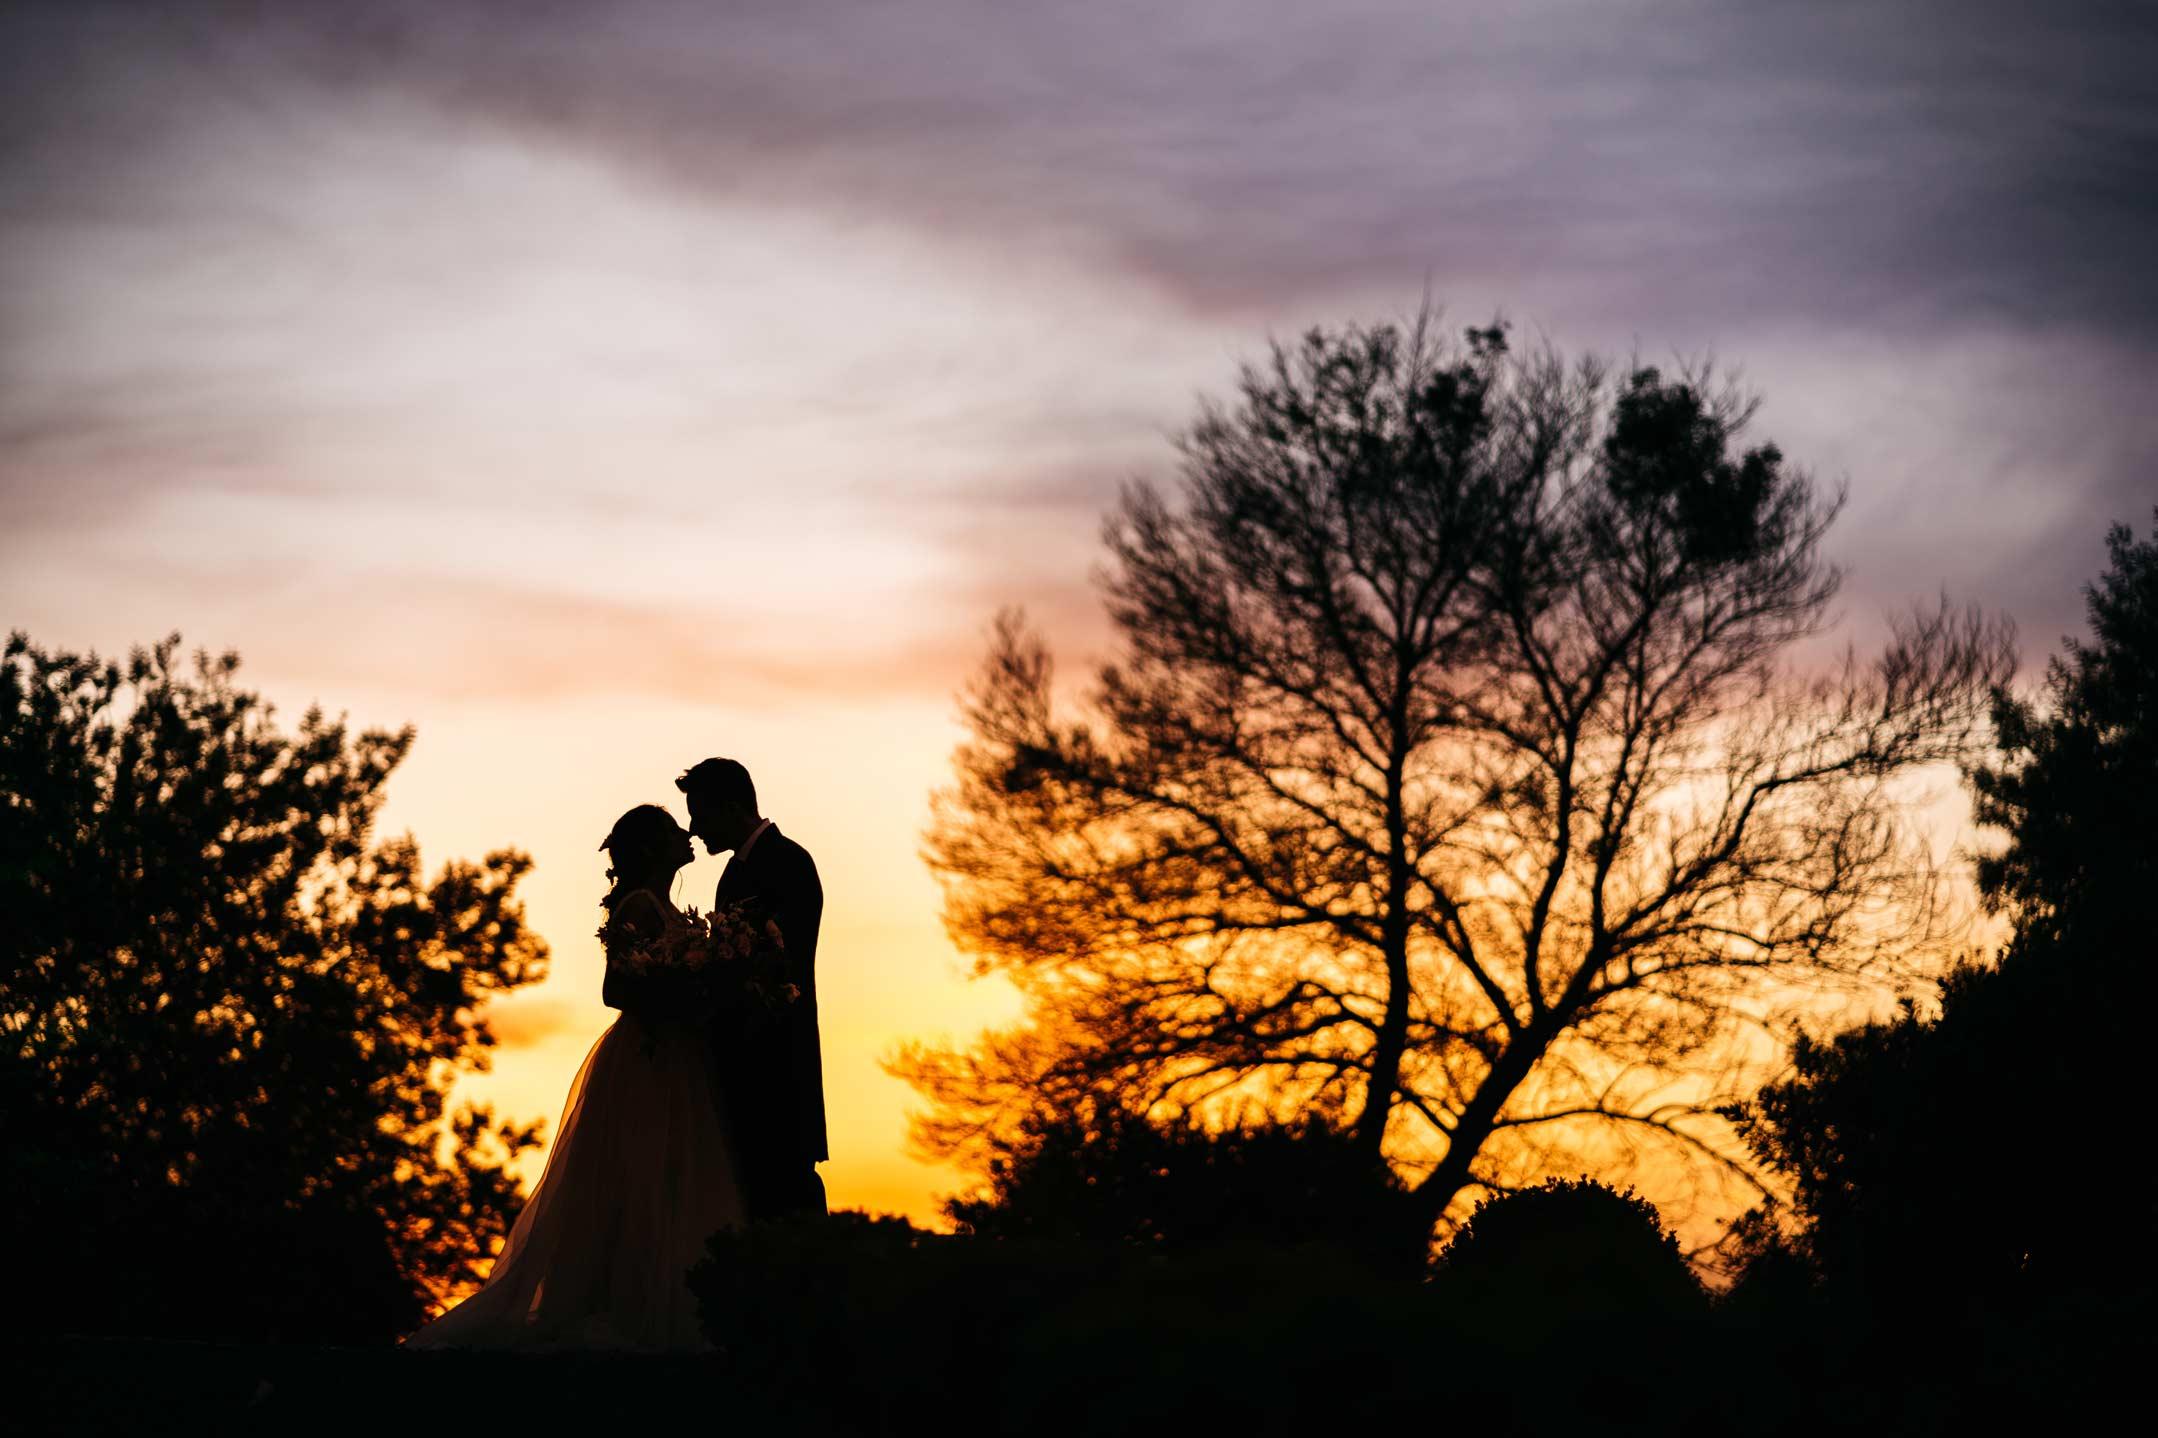 Fotografo-Reportage-Matrimonio-Ritratti